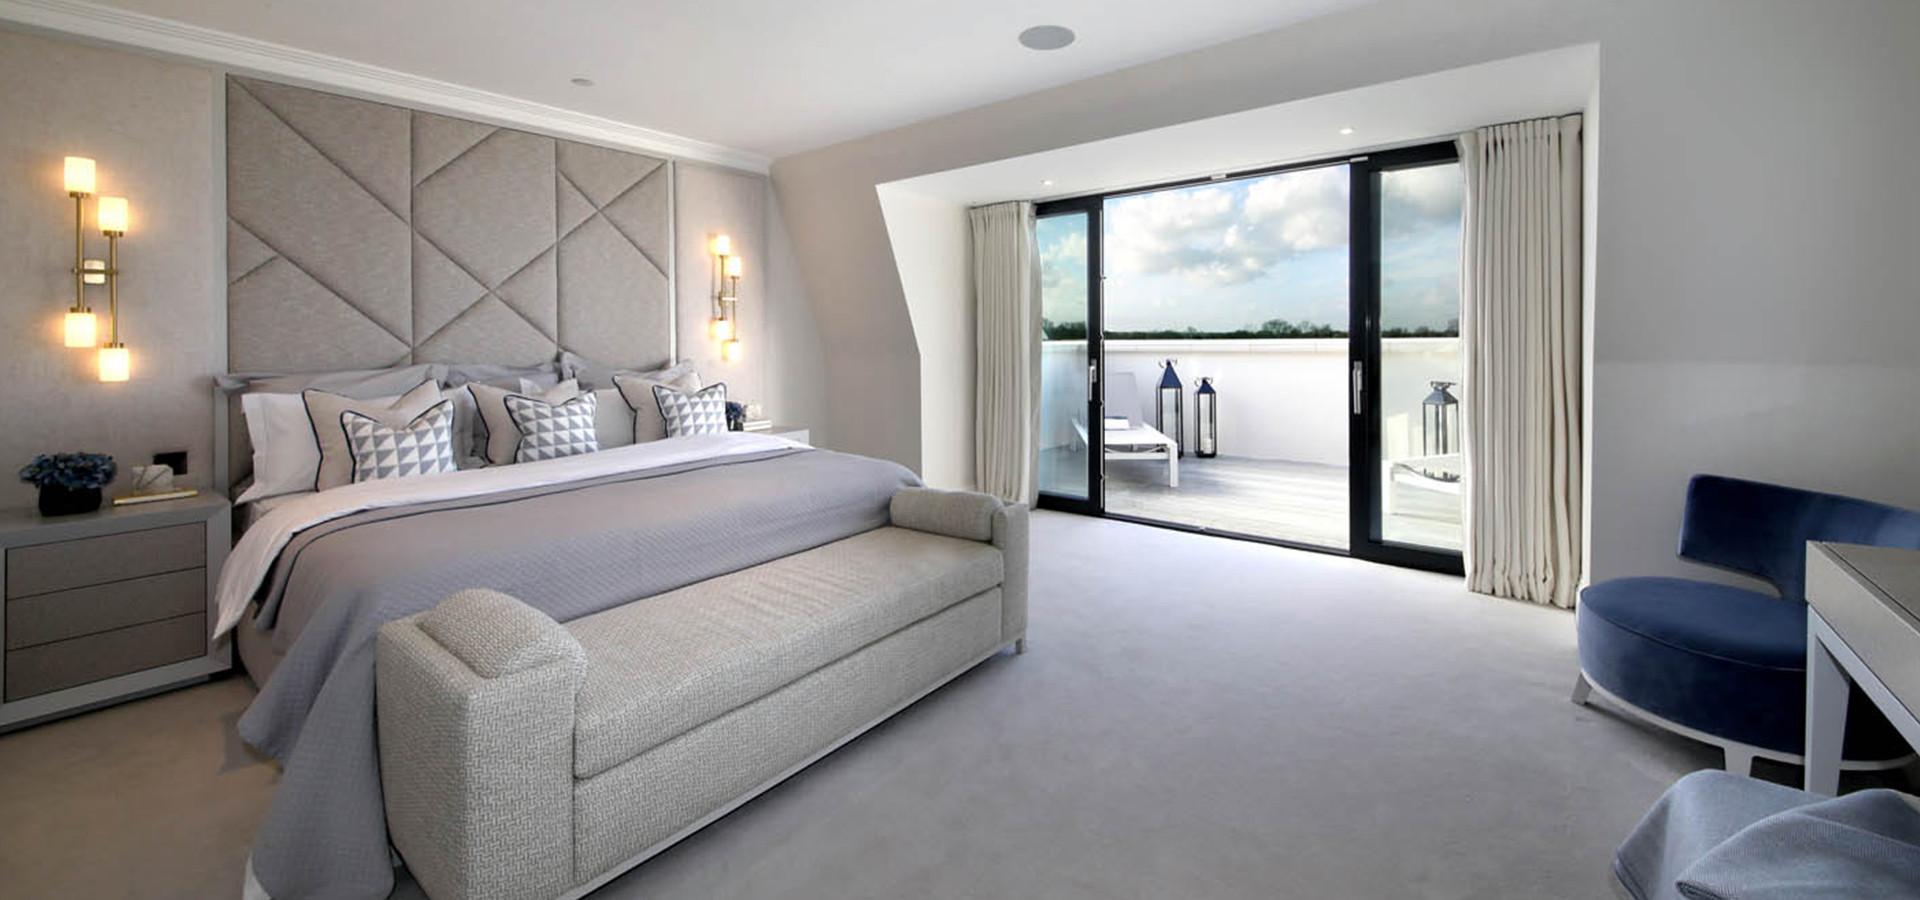 Bishops-Row-Octagon-property-bedroom.jpg